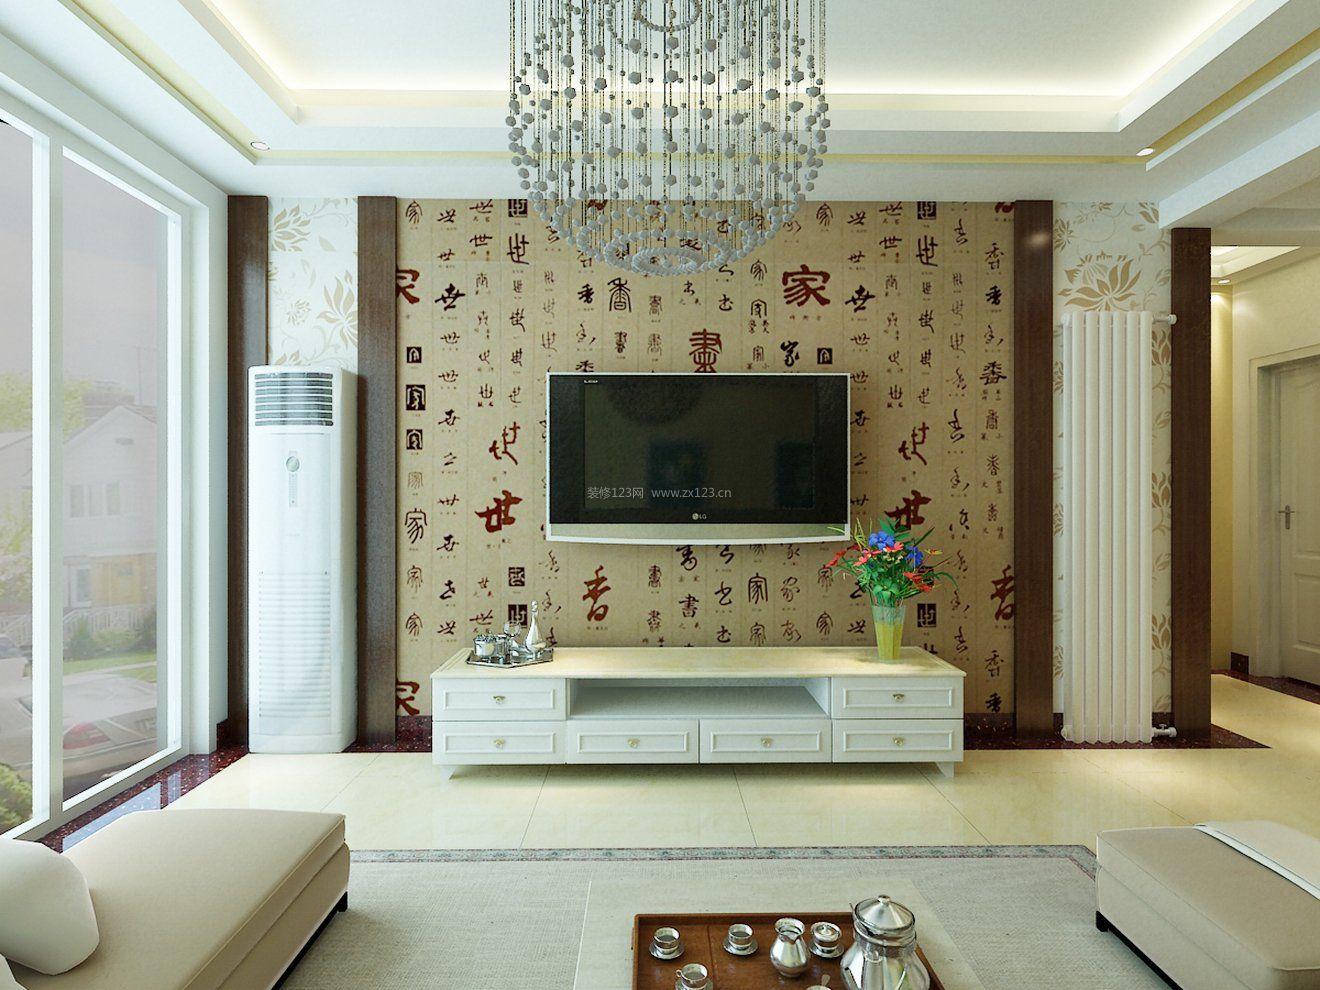 现代新中式风格影视墙壁纸装修效果图片大全图片